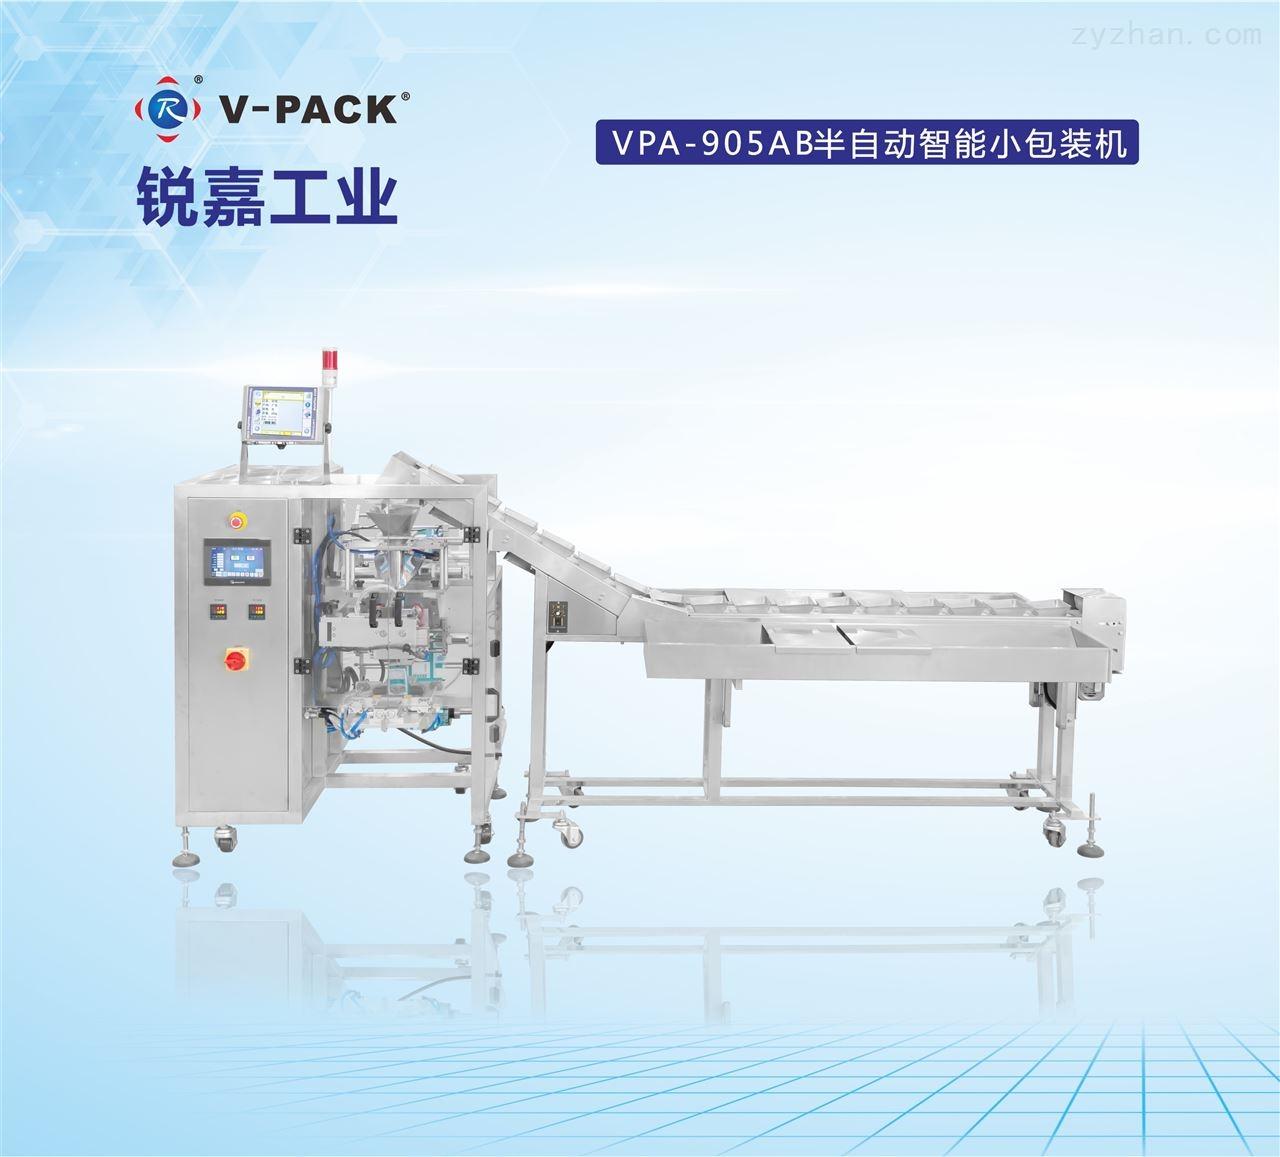 广州锐嘉 VPA-905AB全智能小包装机(半自动型) 中药饮片包装 自动制袋